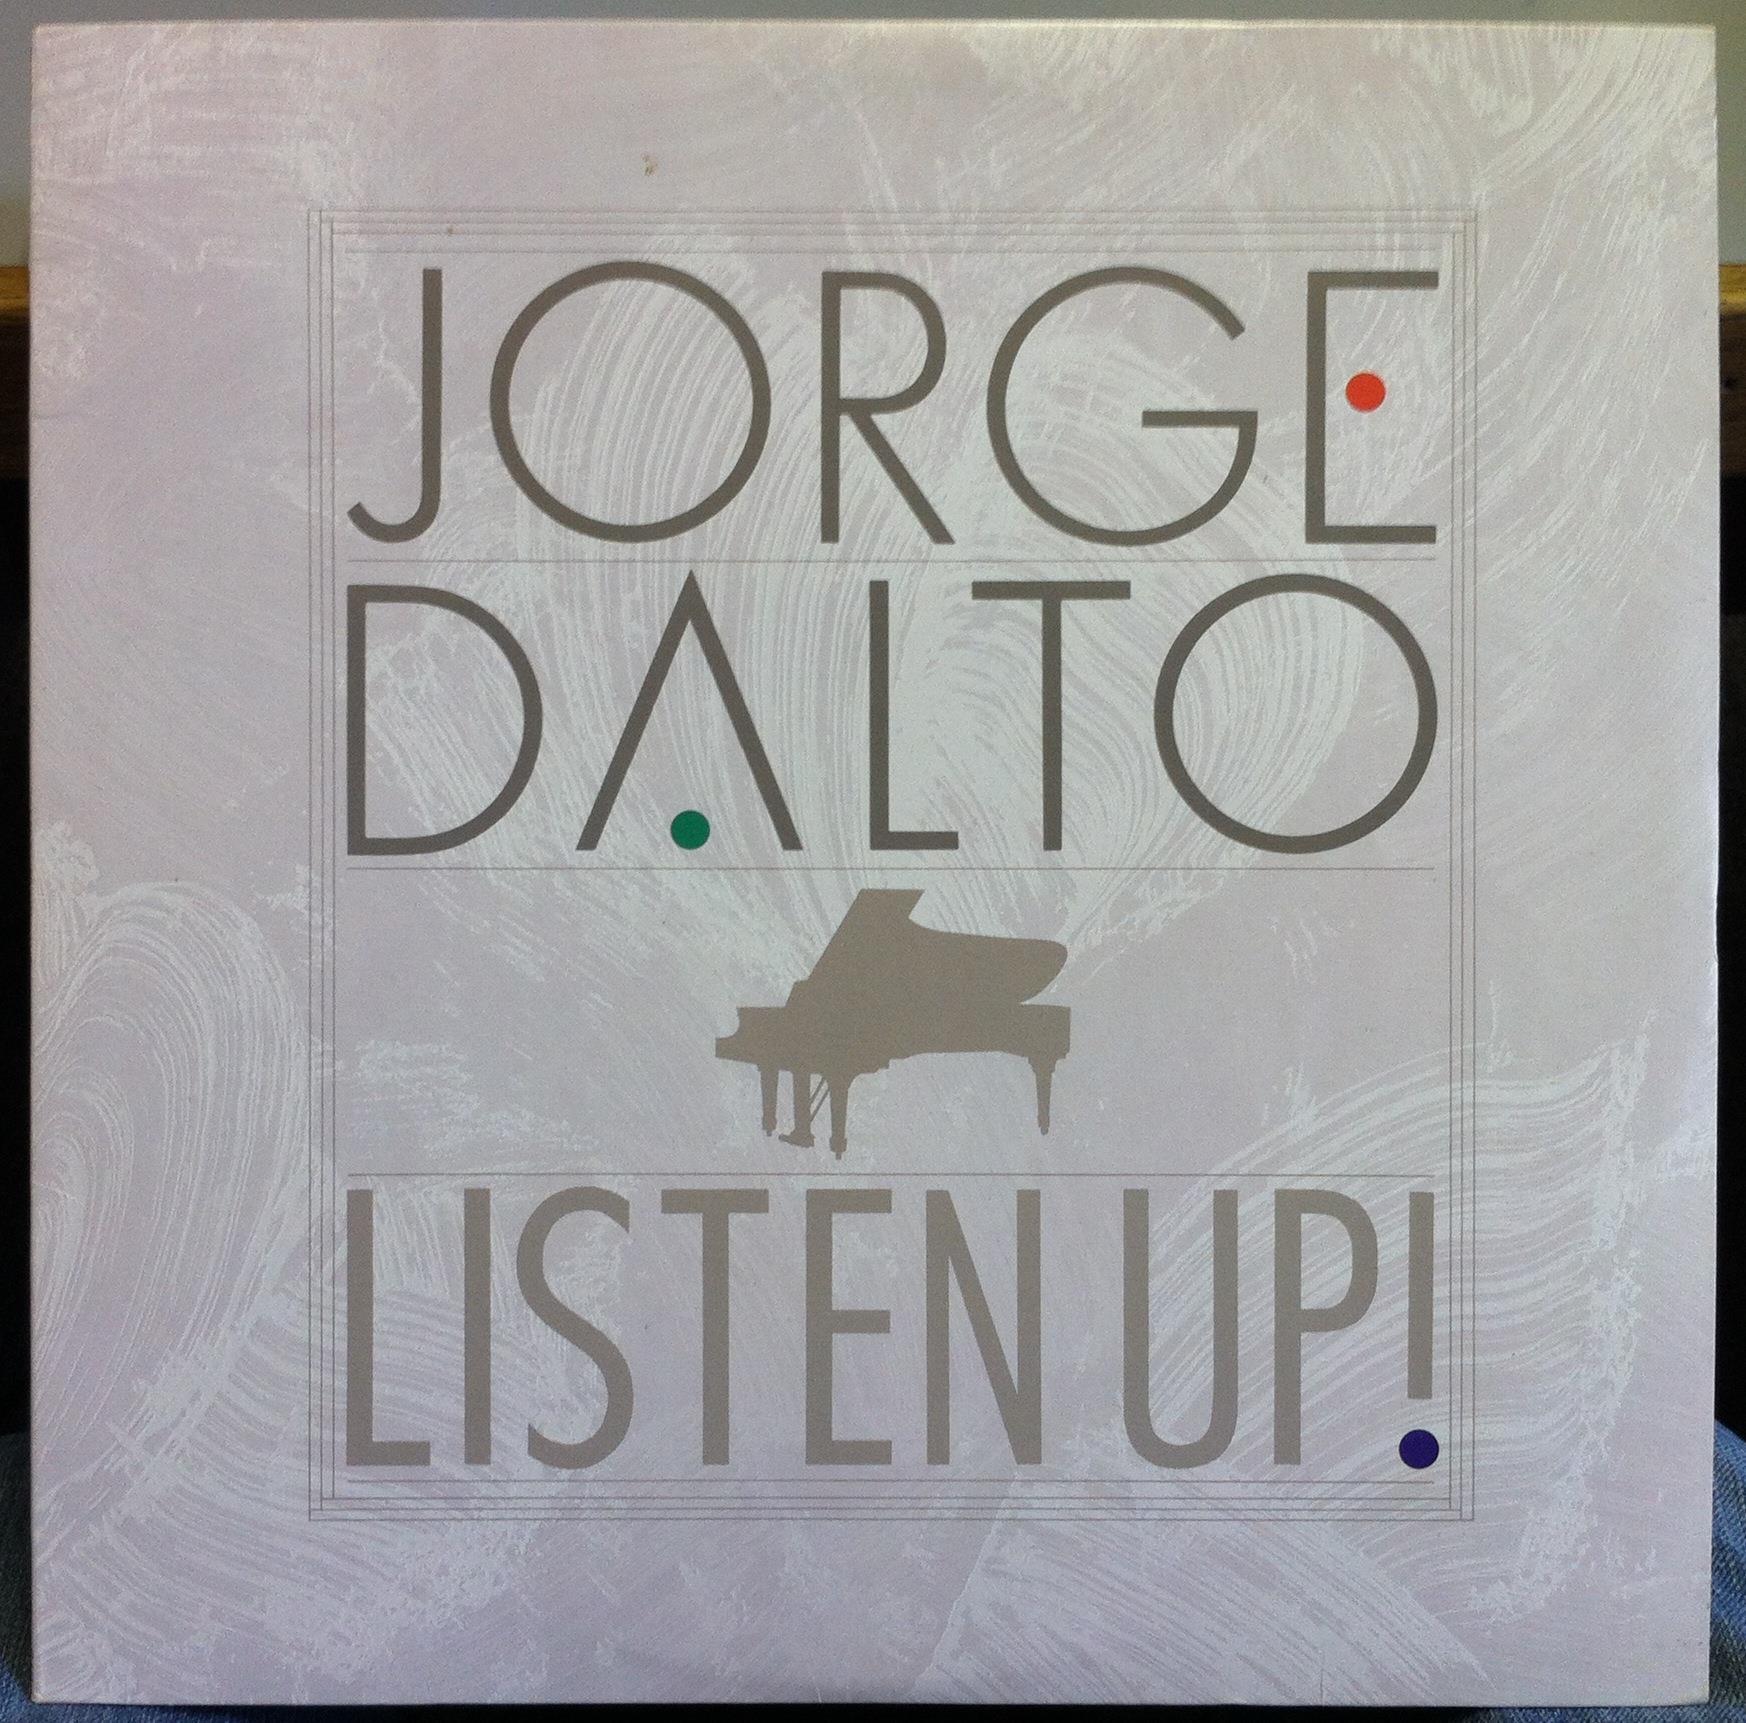 Jorge Dalto Super Friends Rendez Vous